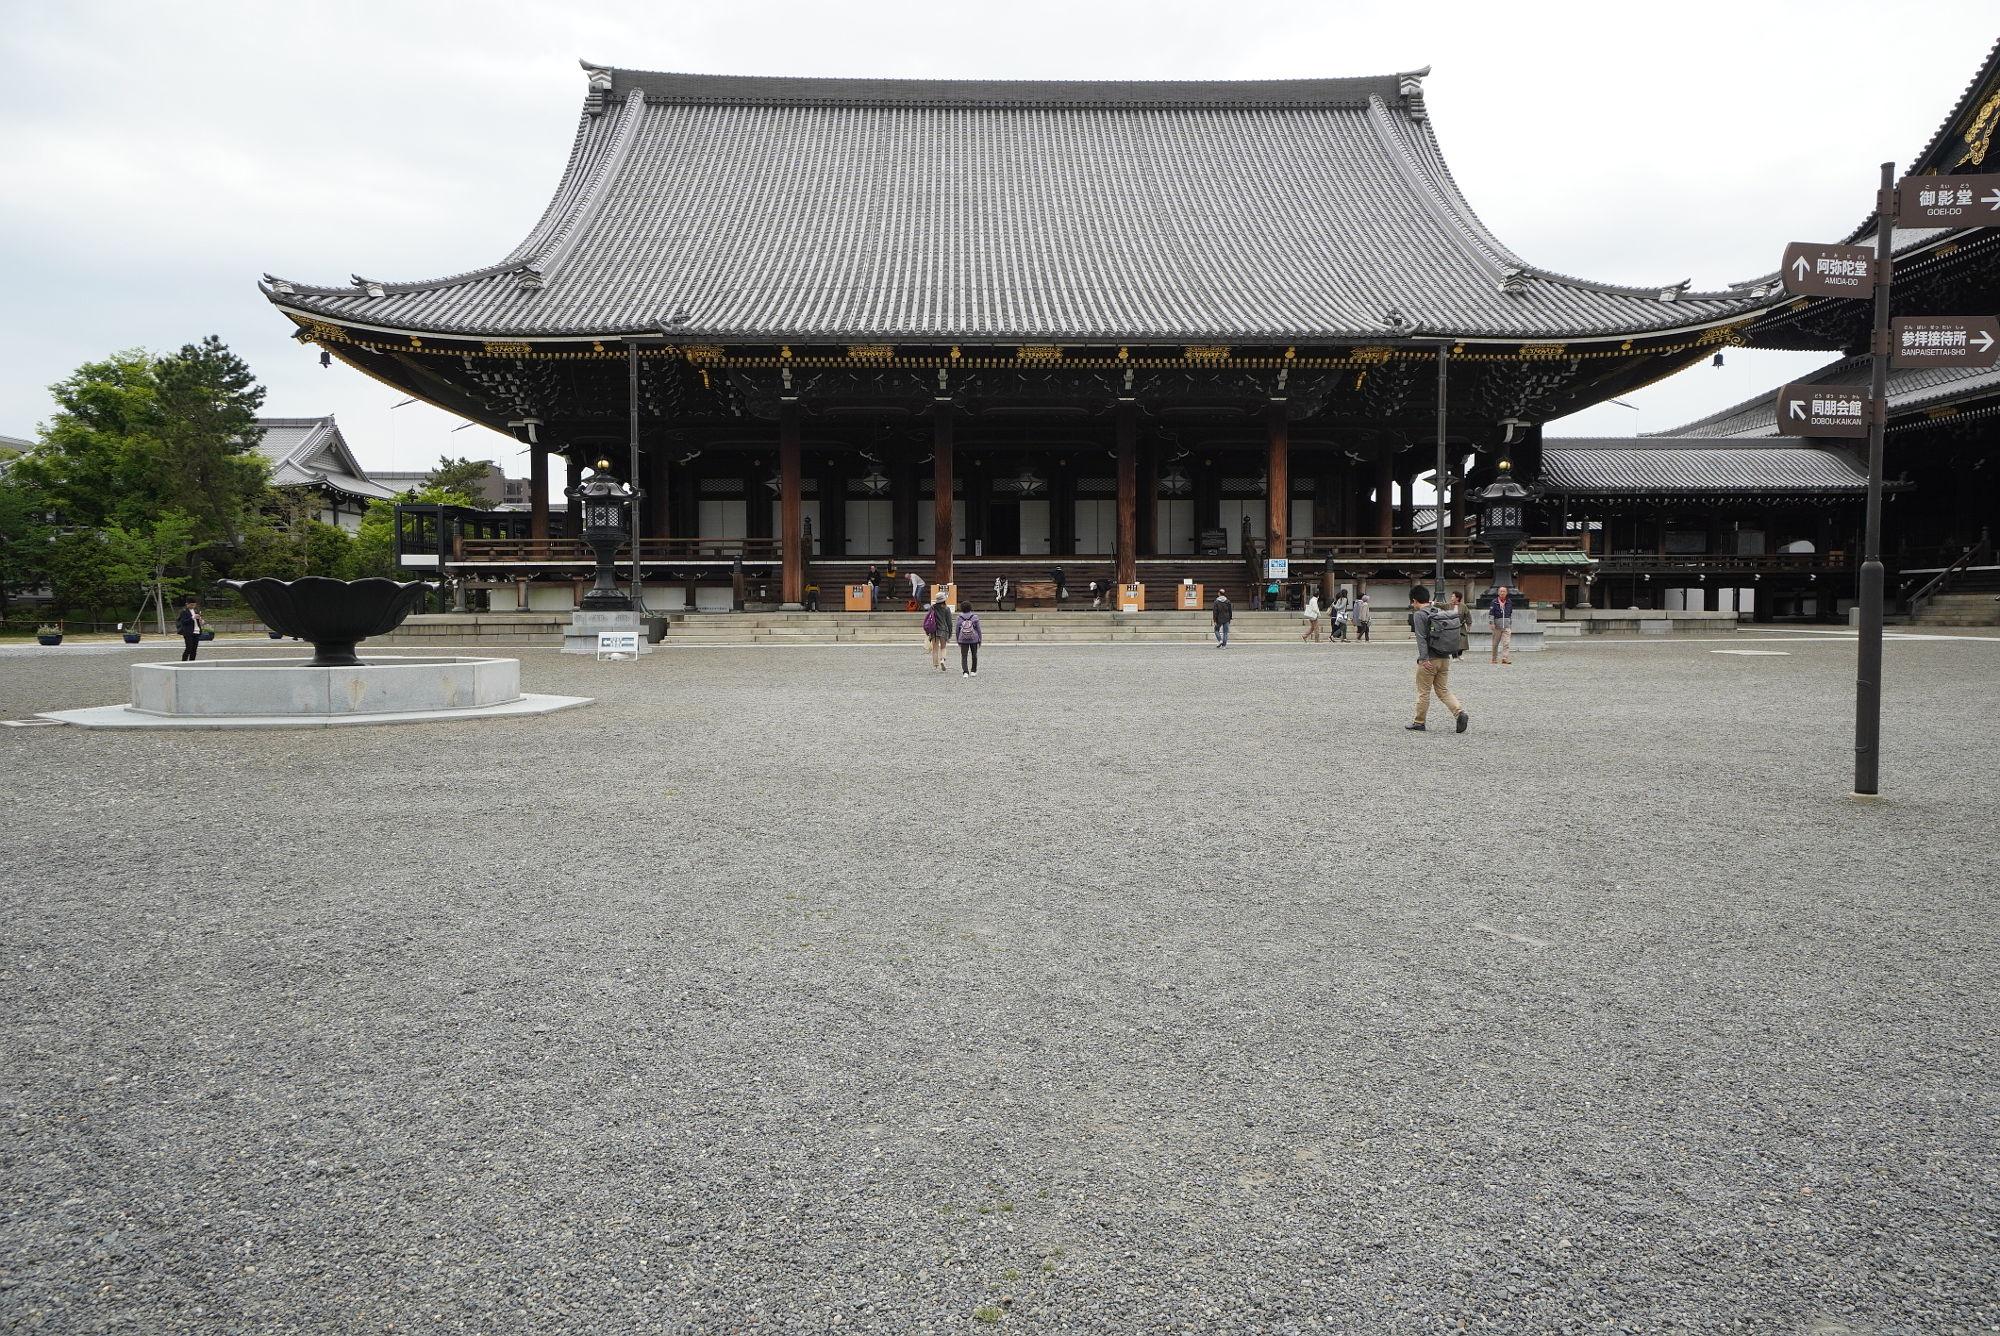 東本願寺 阿弥陀堂